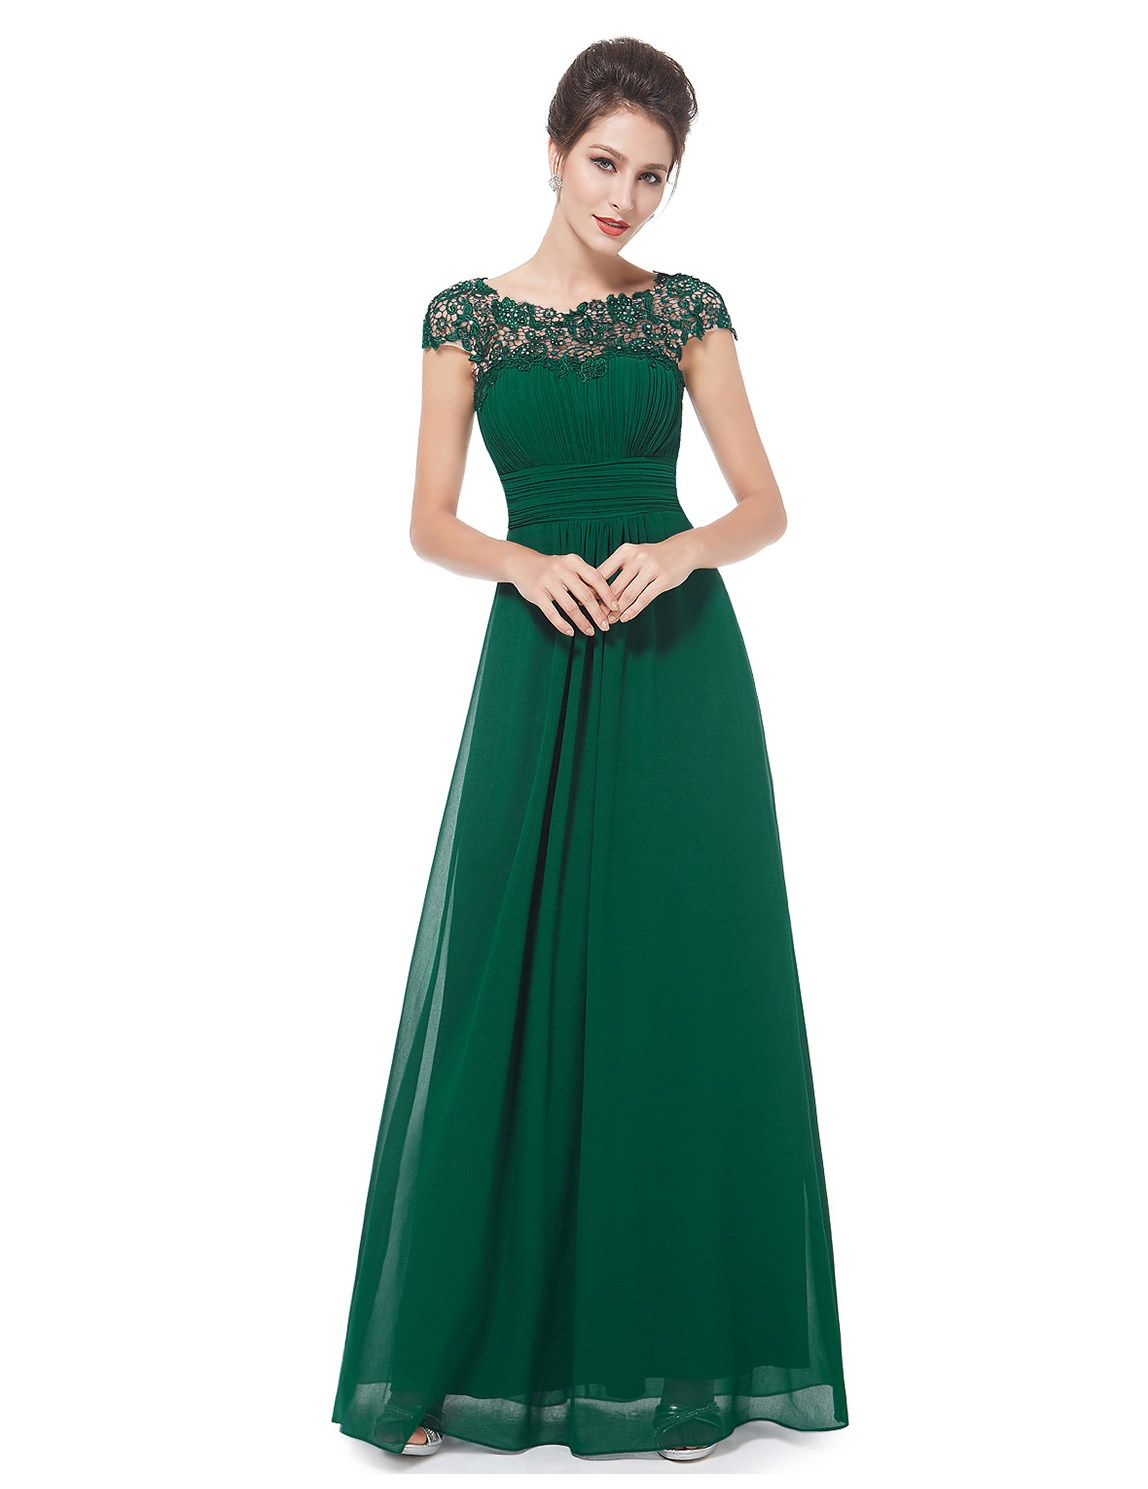 Langes Chiffon-Abendkleid mit Spitze in Grün | Clothes | Pinterest ...